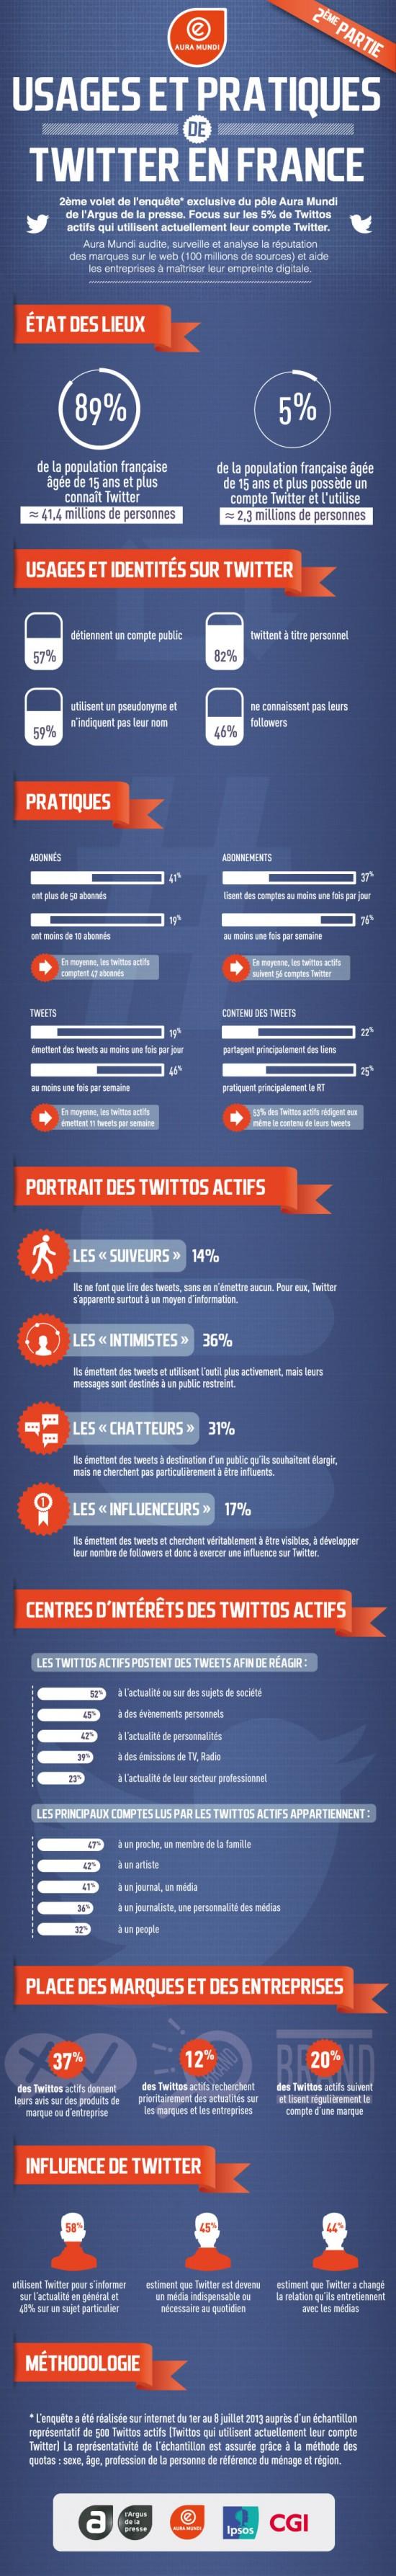 infographie-Twitter-V2-550x3575